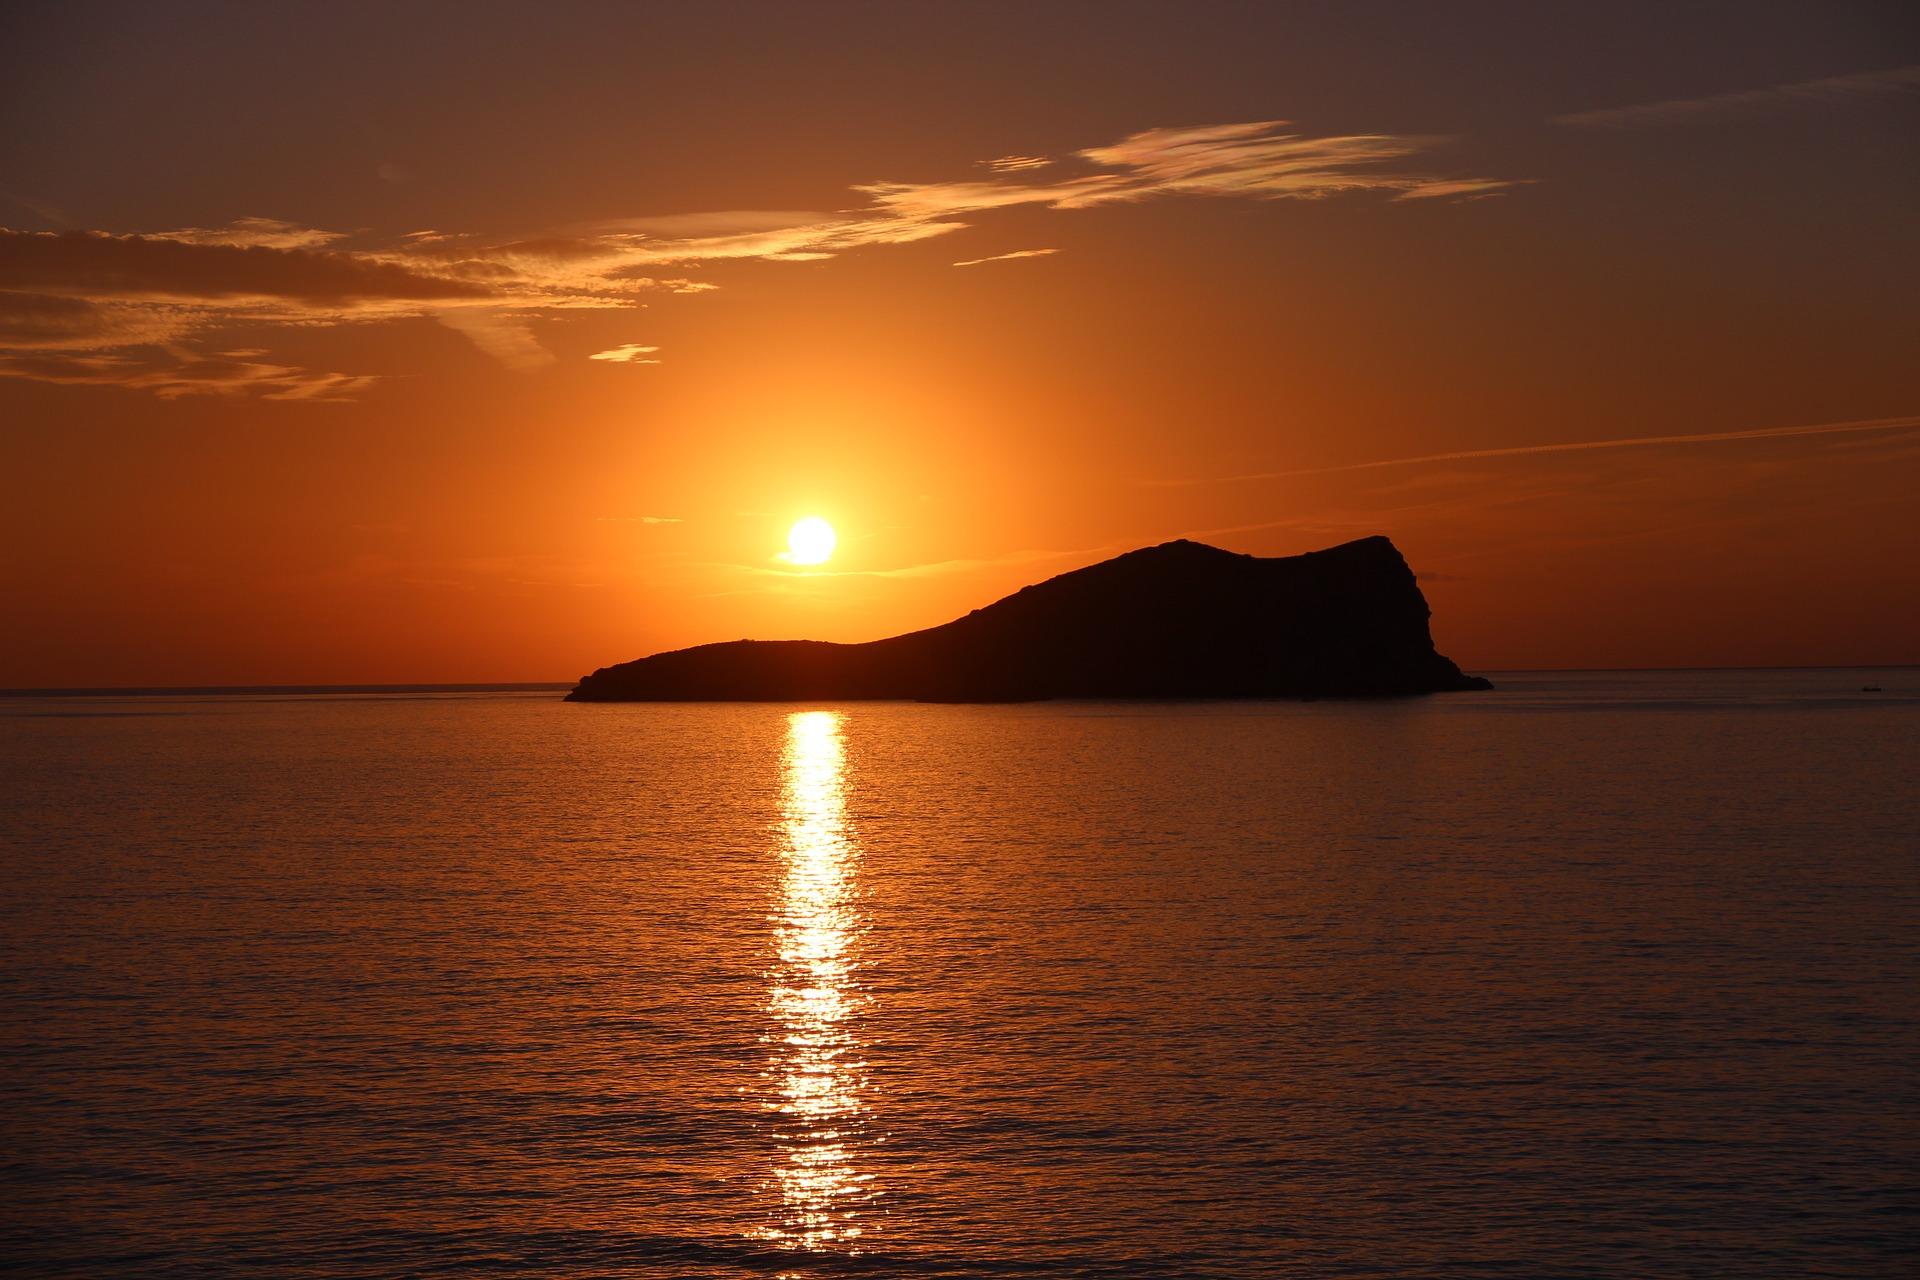 Disfruta de las puestas de sol en Semana santa rent a car Ibiza